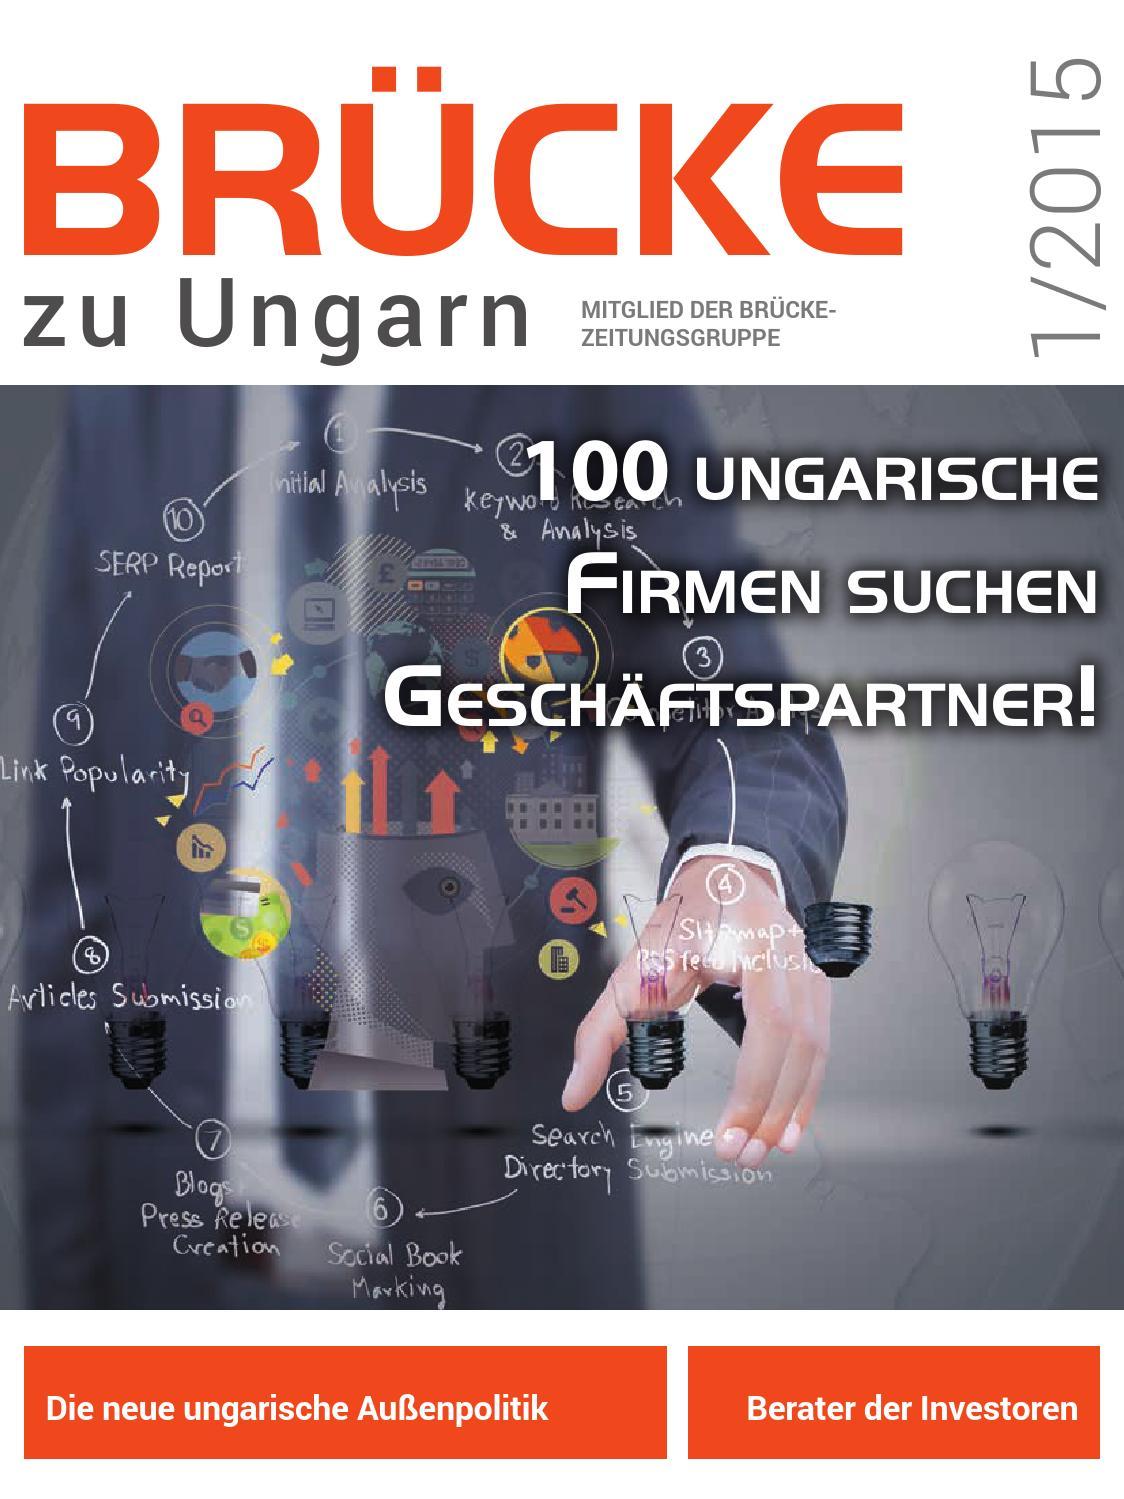 Großartig Anbieter Von Bleidrähten Ideen - Der Schaltplan - triangre ...